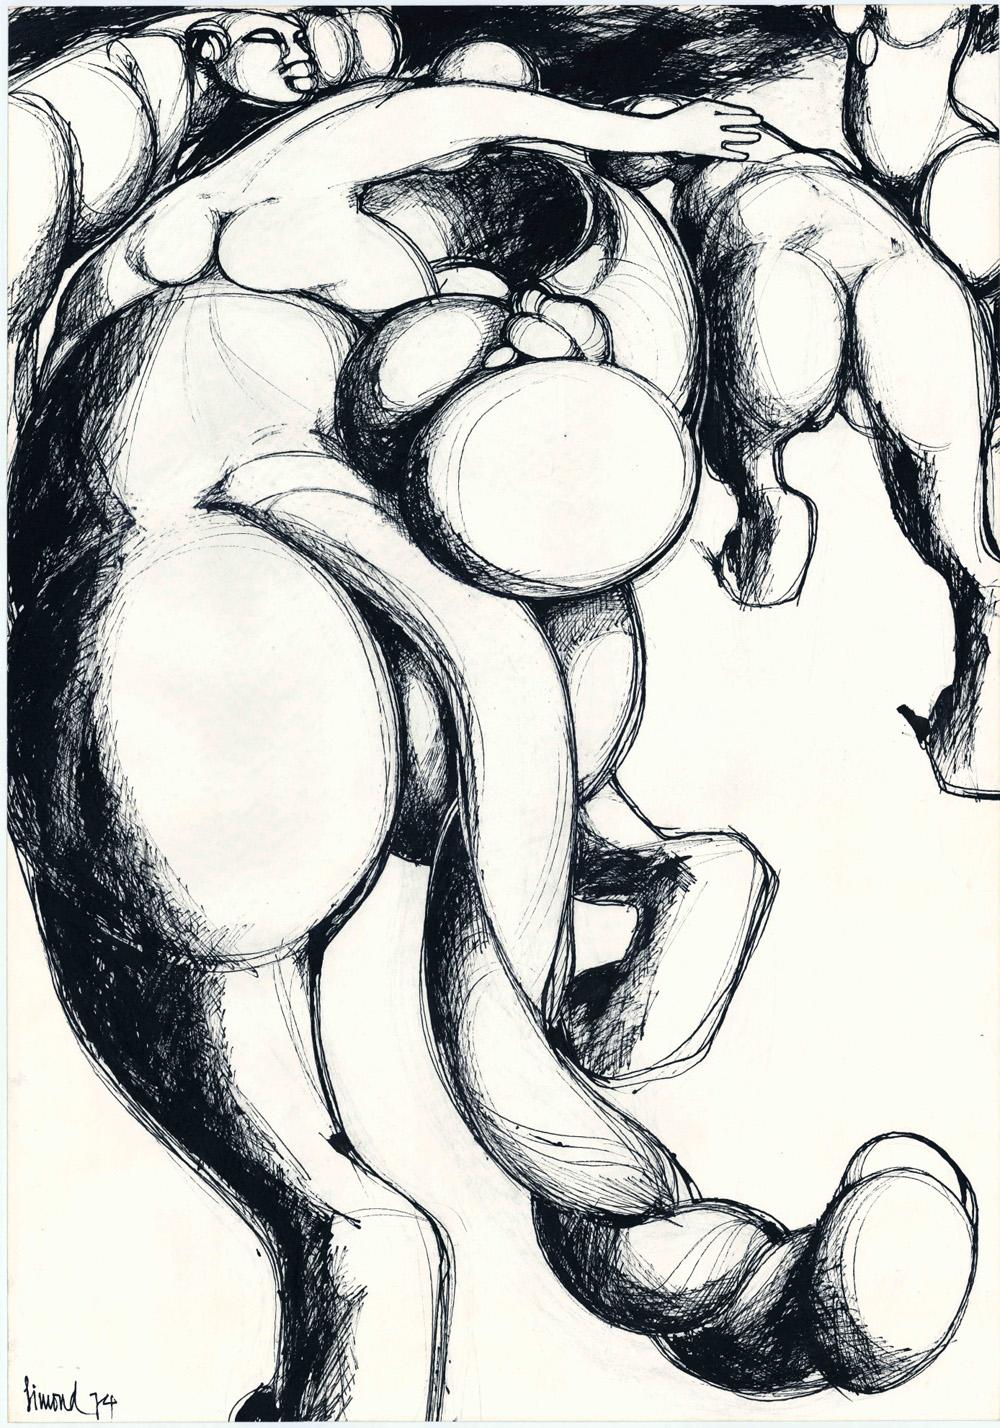 dp-presentation-c-anne-marie-simond_dessin_1974_jardin-1_plume_arch-ville_-lausanne_1023-ko_modifie%cc%81-1